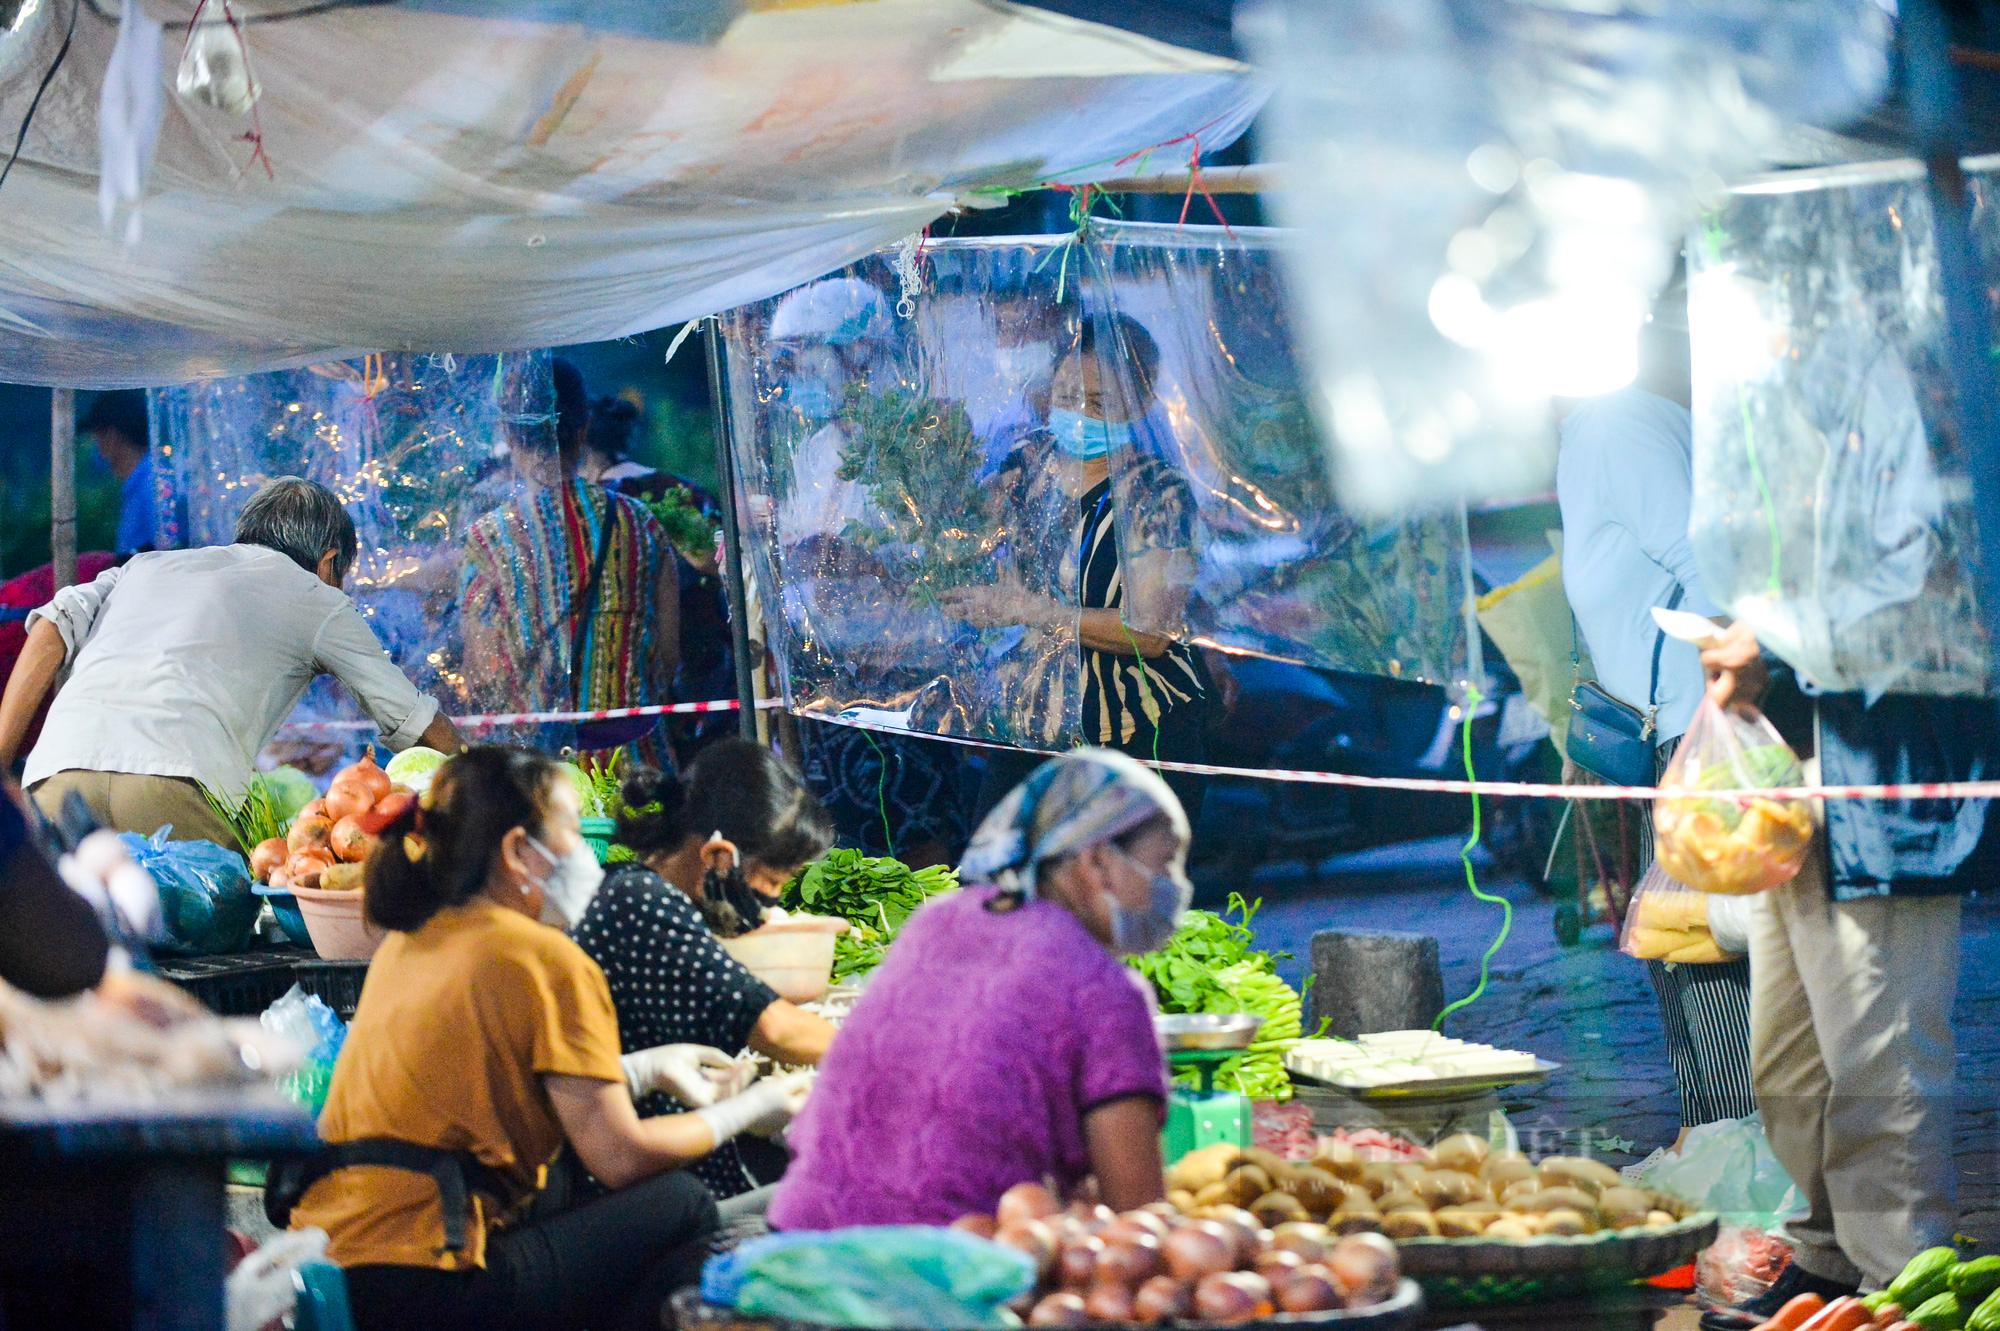 Chợ dân sinh ở Hà Nội đông đúc ngày đầu nới lỏng giãn cách - Ảnh 12.